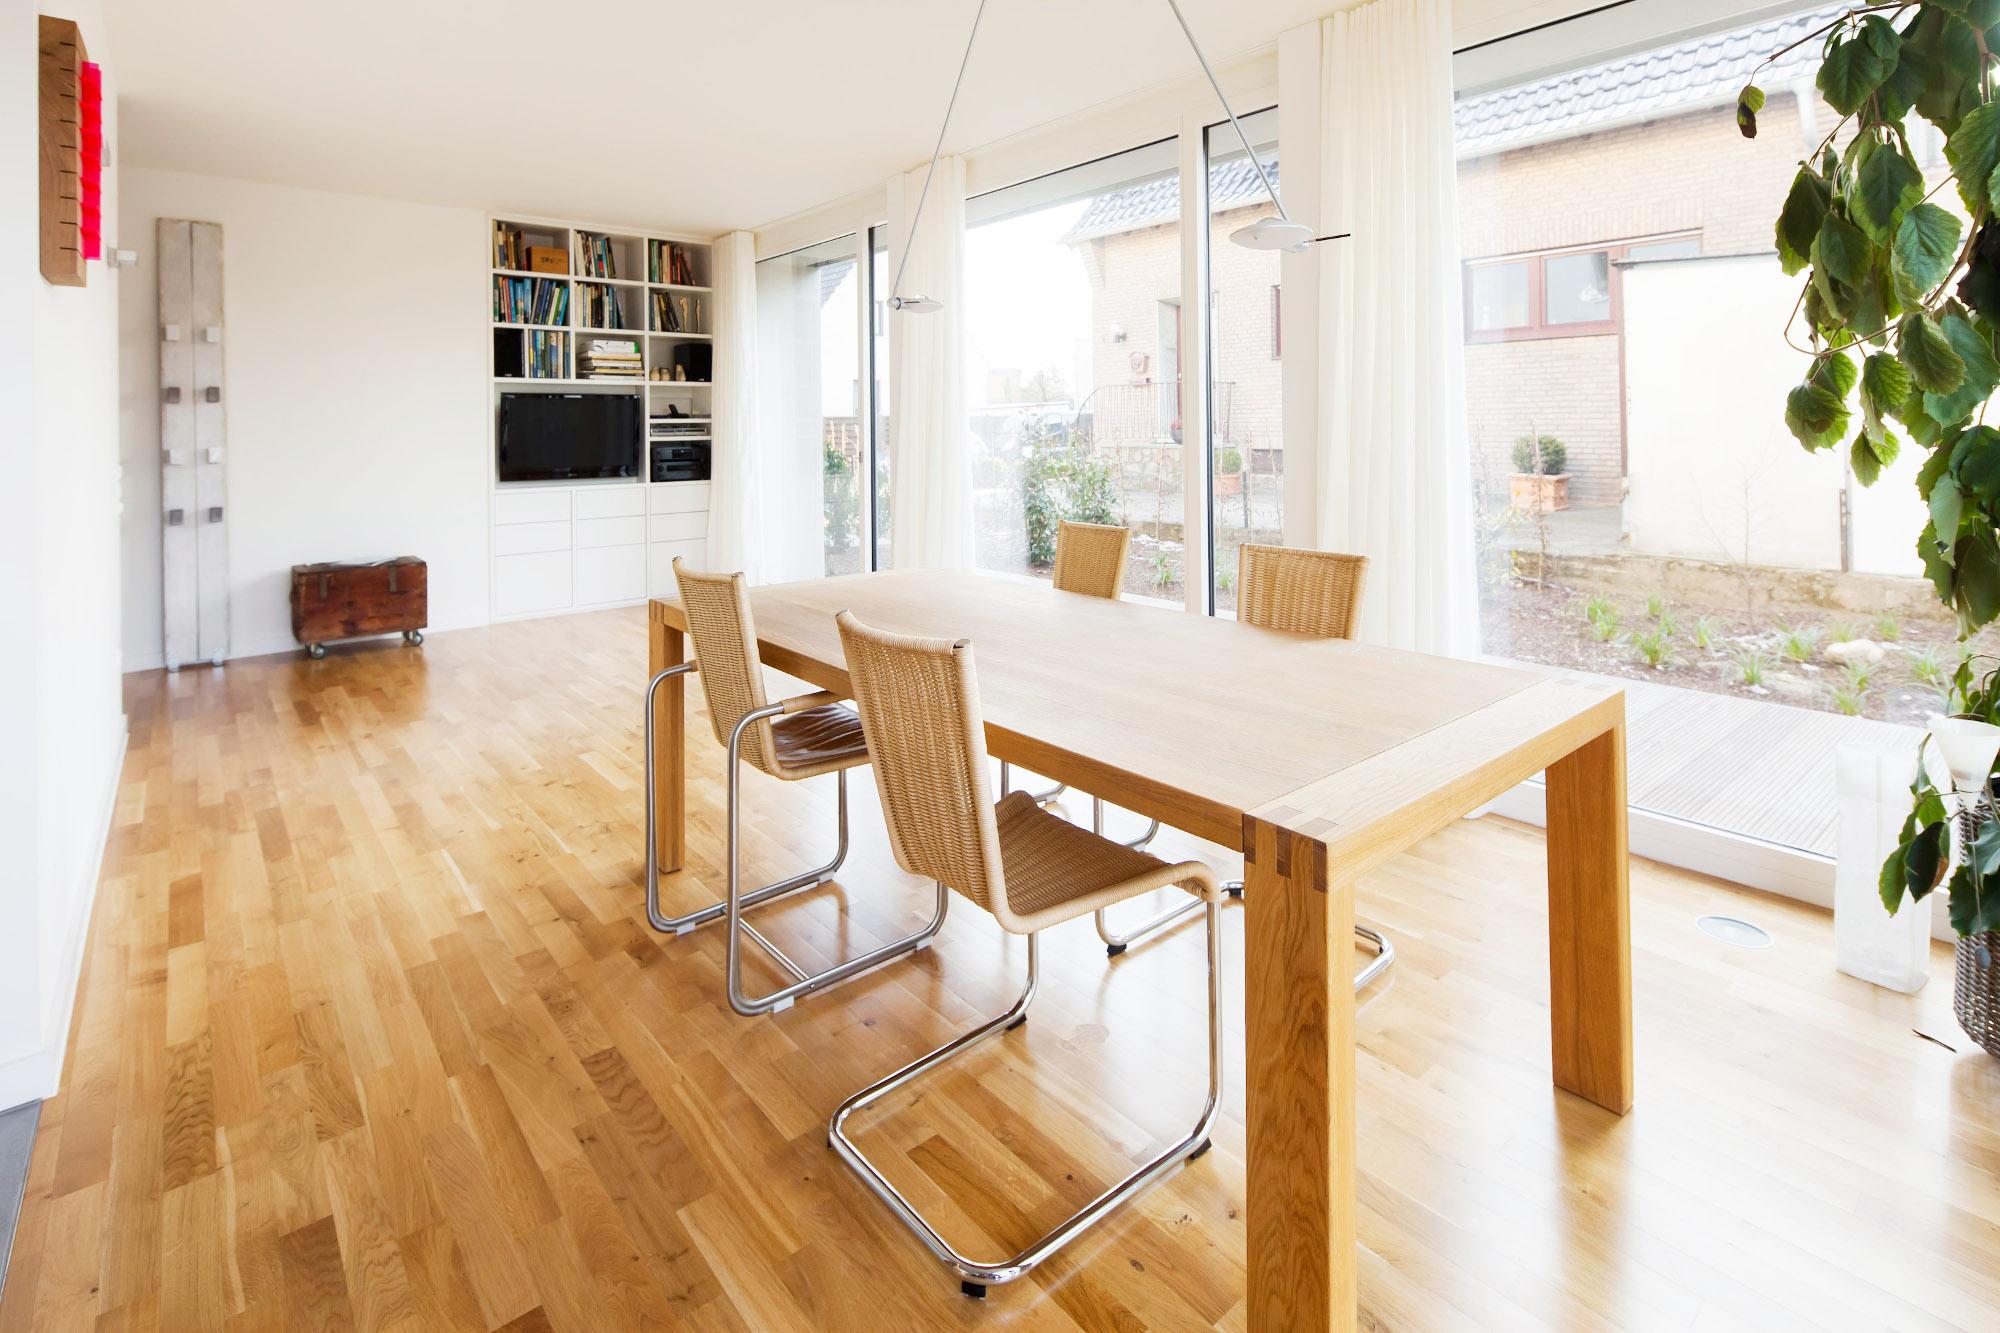 schiffers roelofs architekten wohnhaus korschenbroich. Black Bedroom Furniture Sets. Home Design Ideas